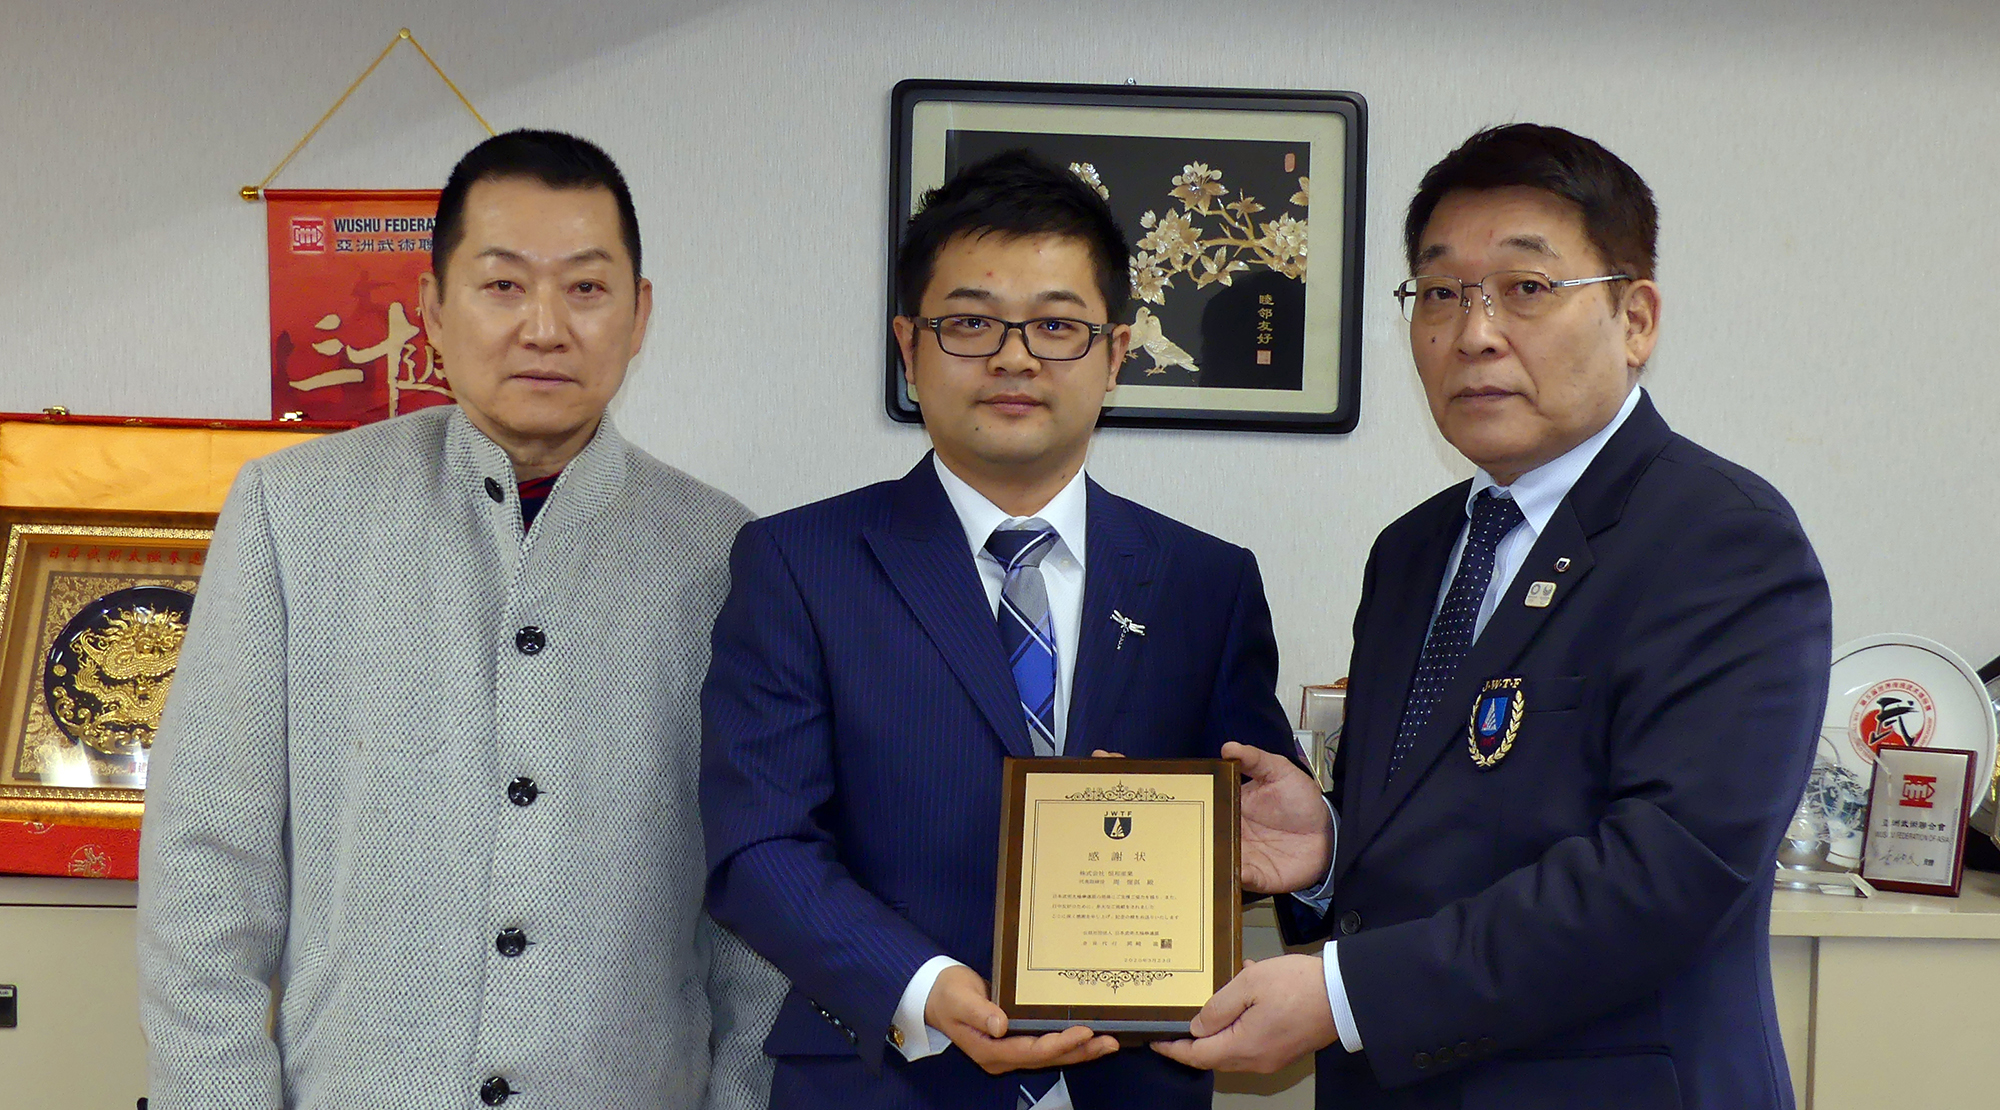 日本連盟から感謝の意を込めて楯を贈呈